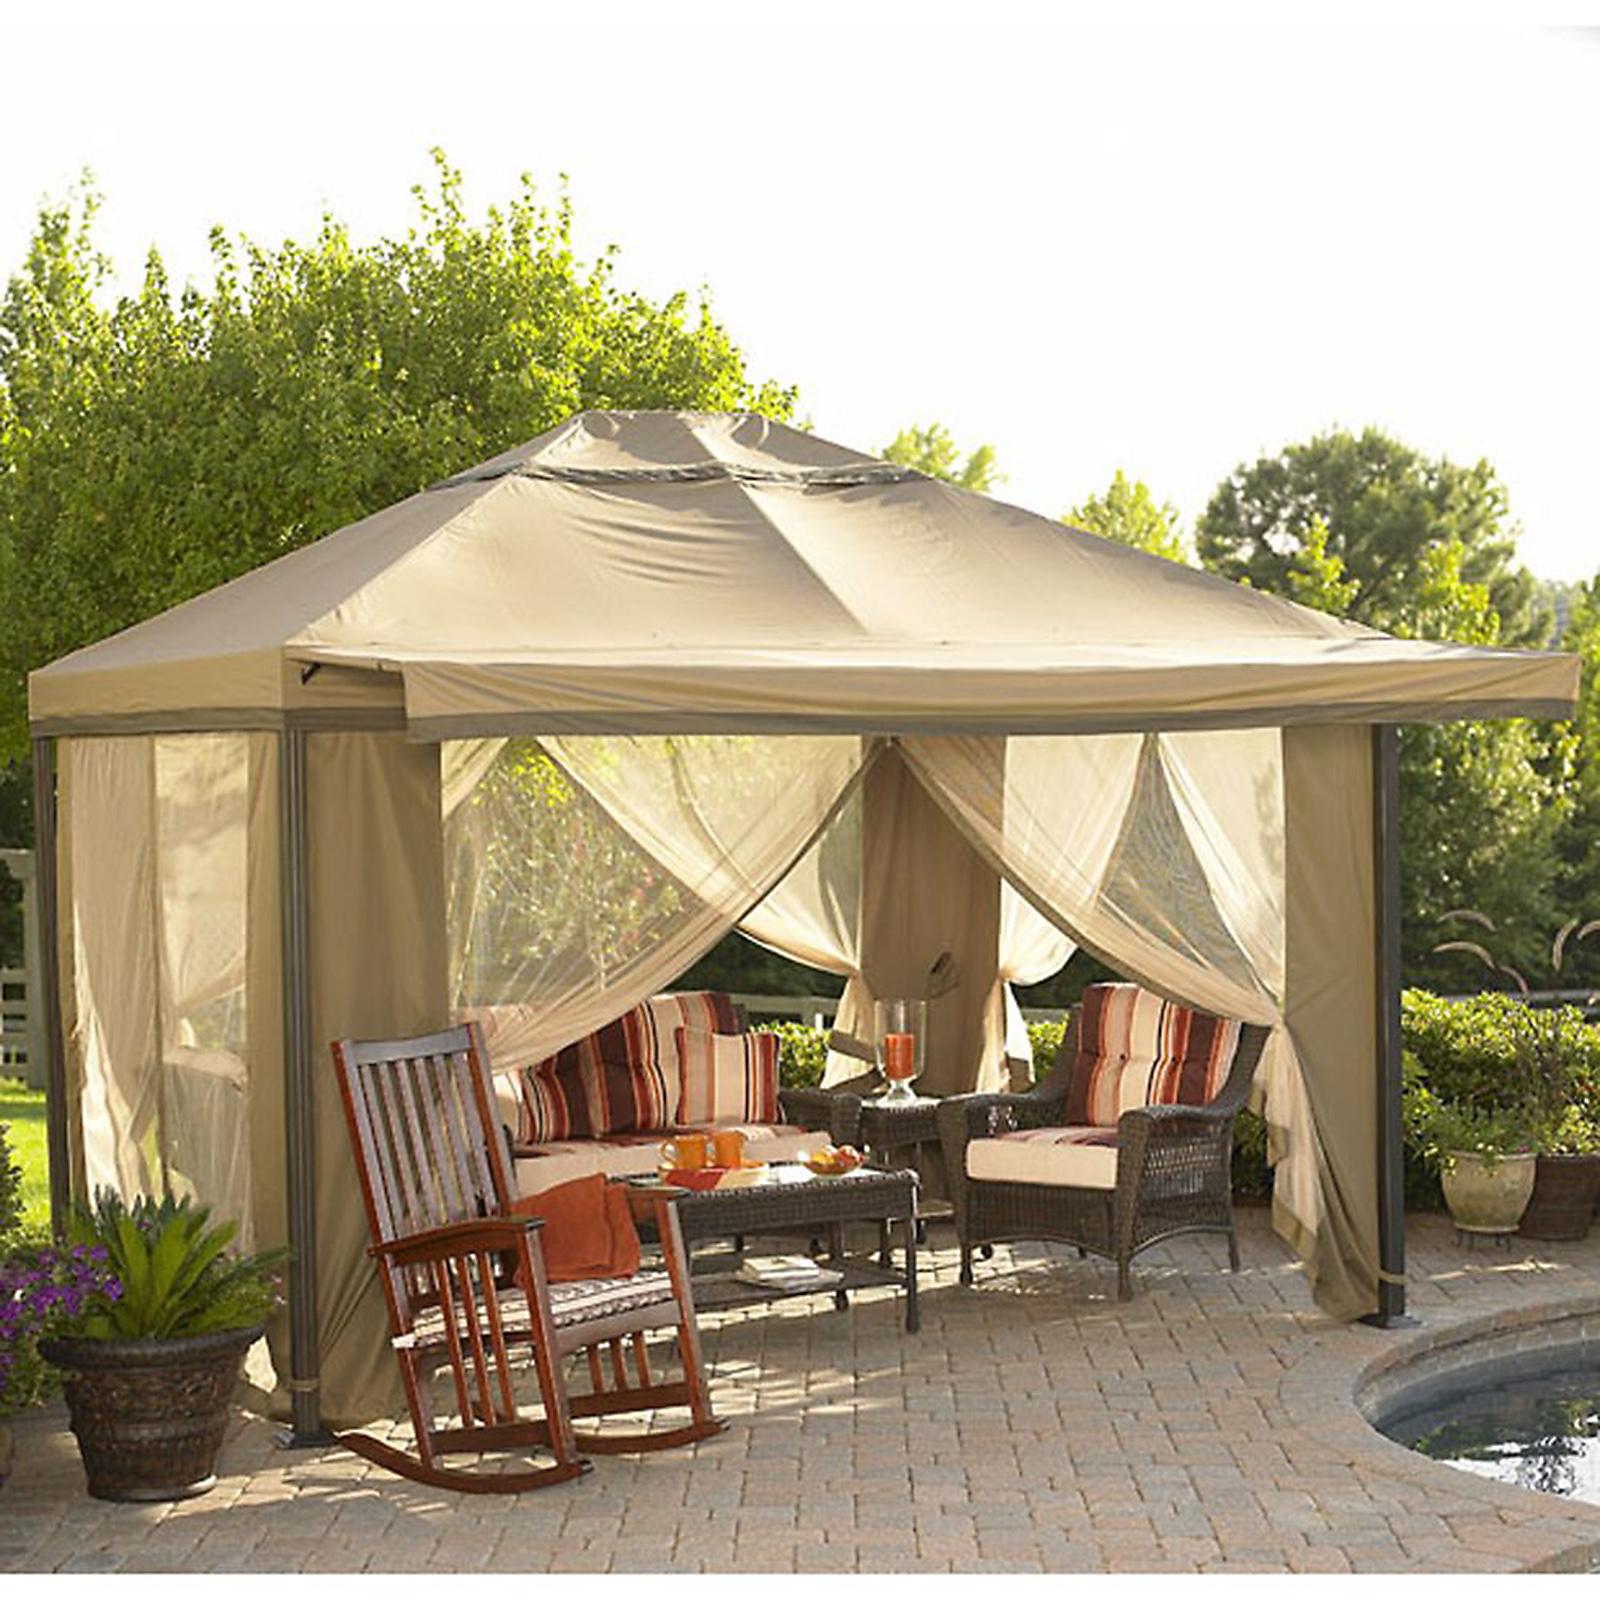 Sears Garden Oasis Gazebo Canopies